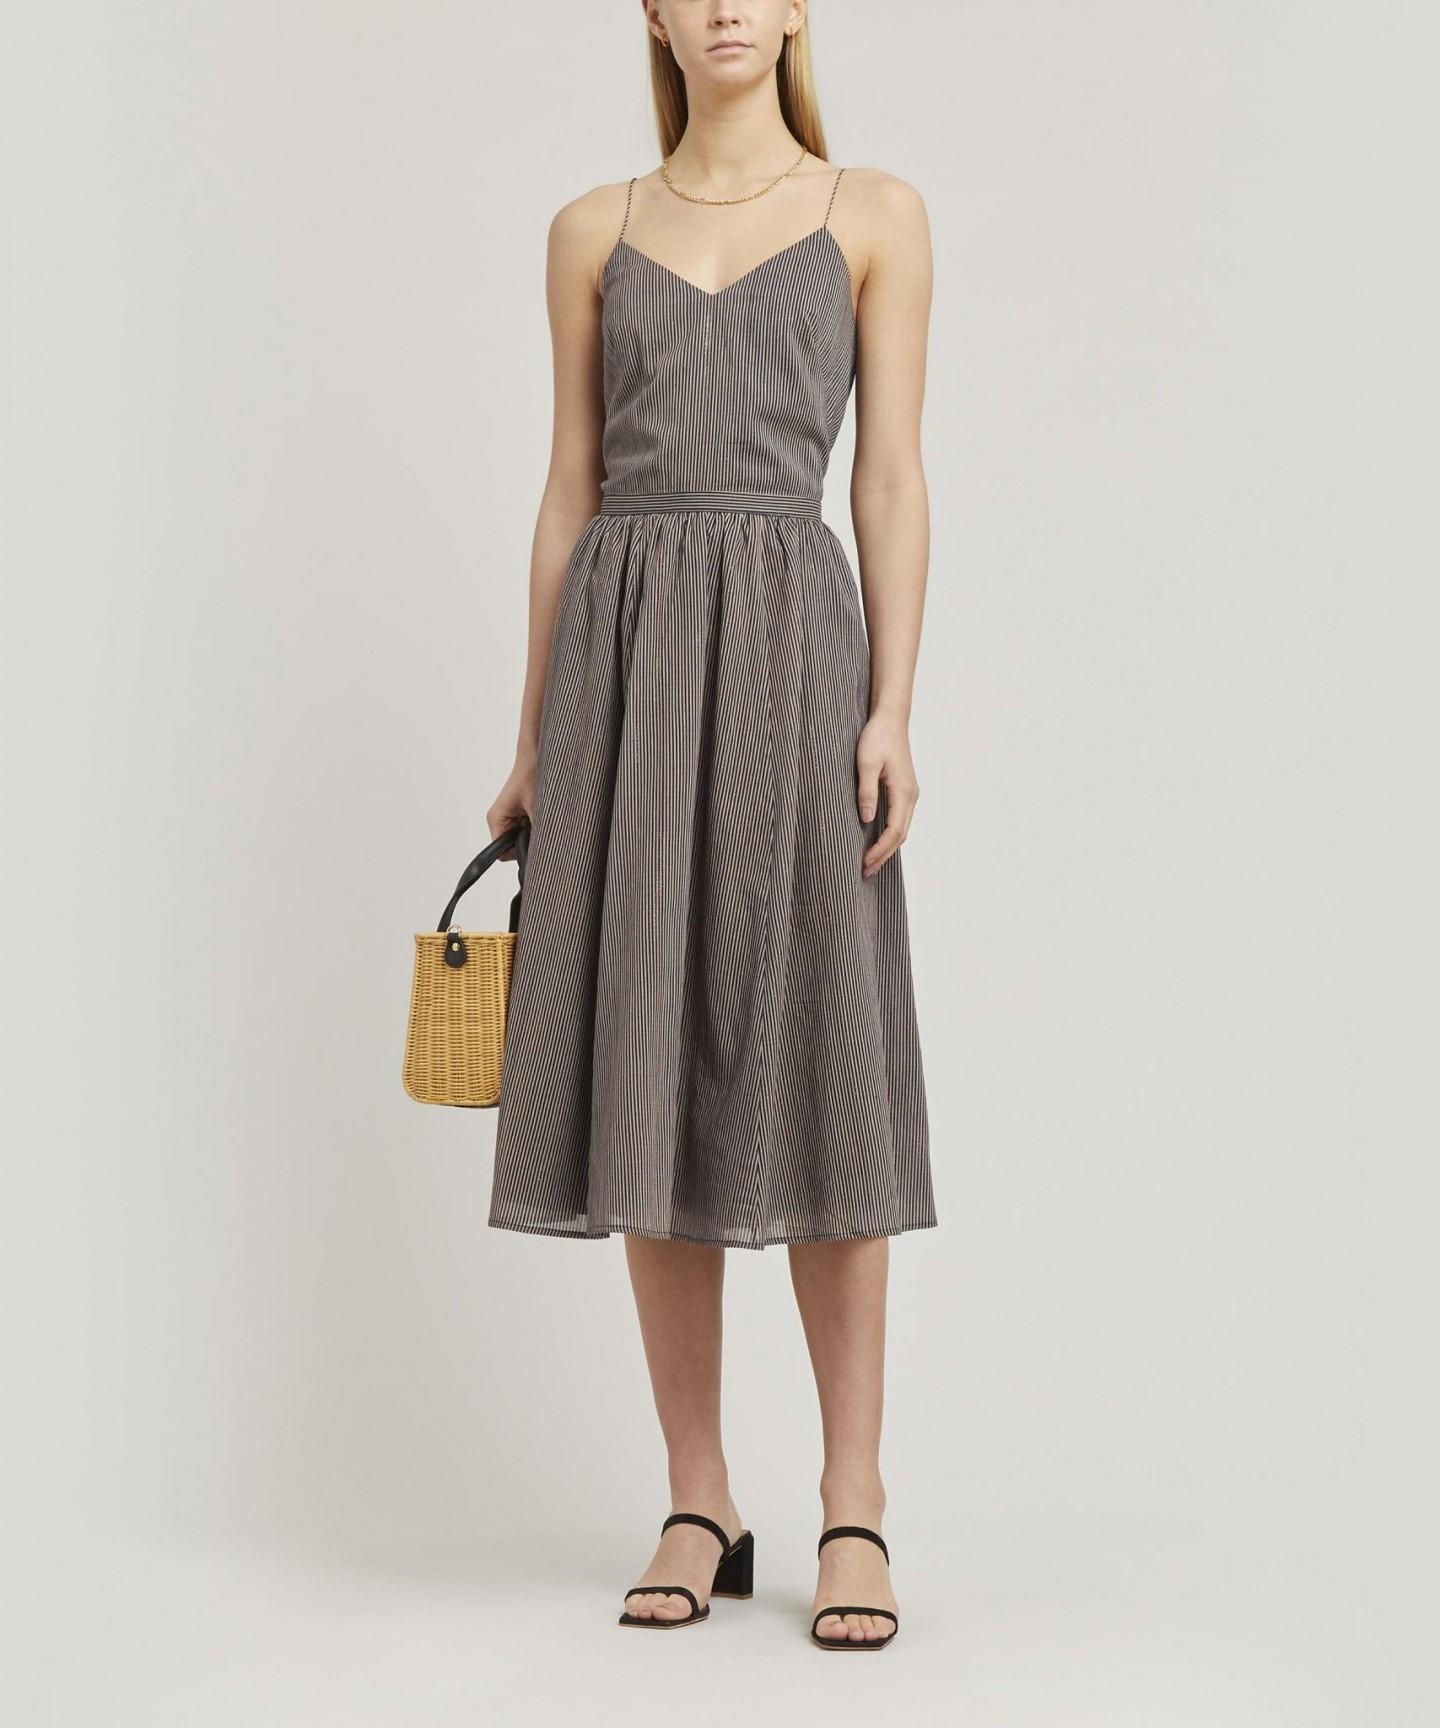 SESSÙN Sospir Open-Backed Midi-Dress